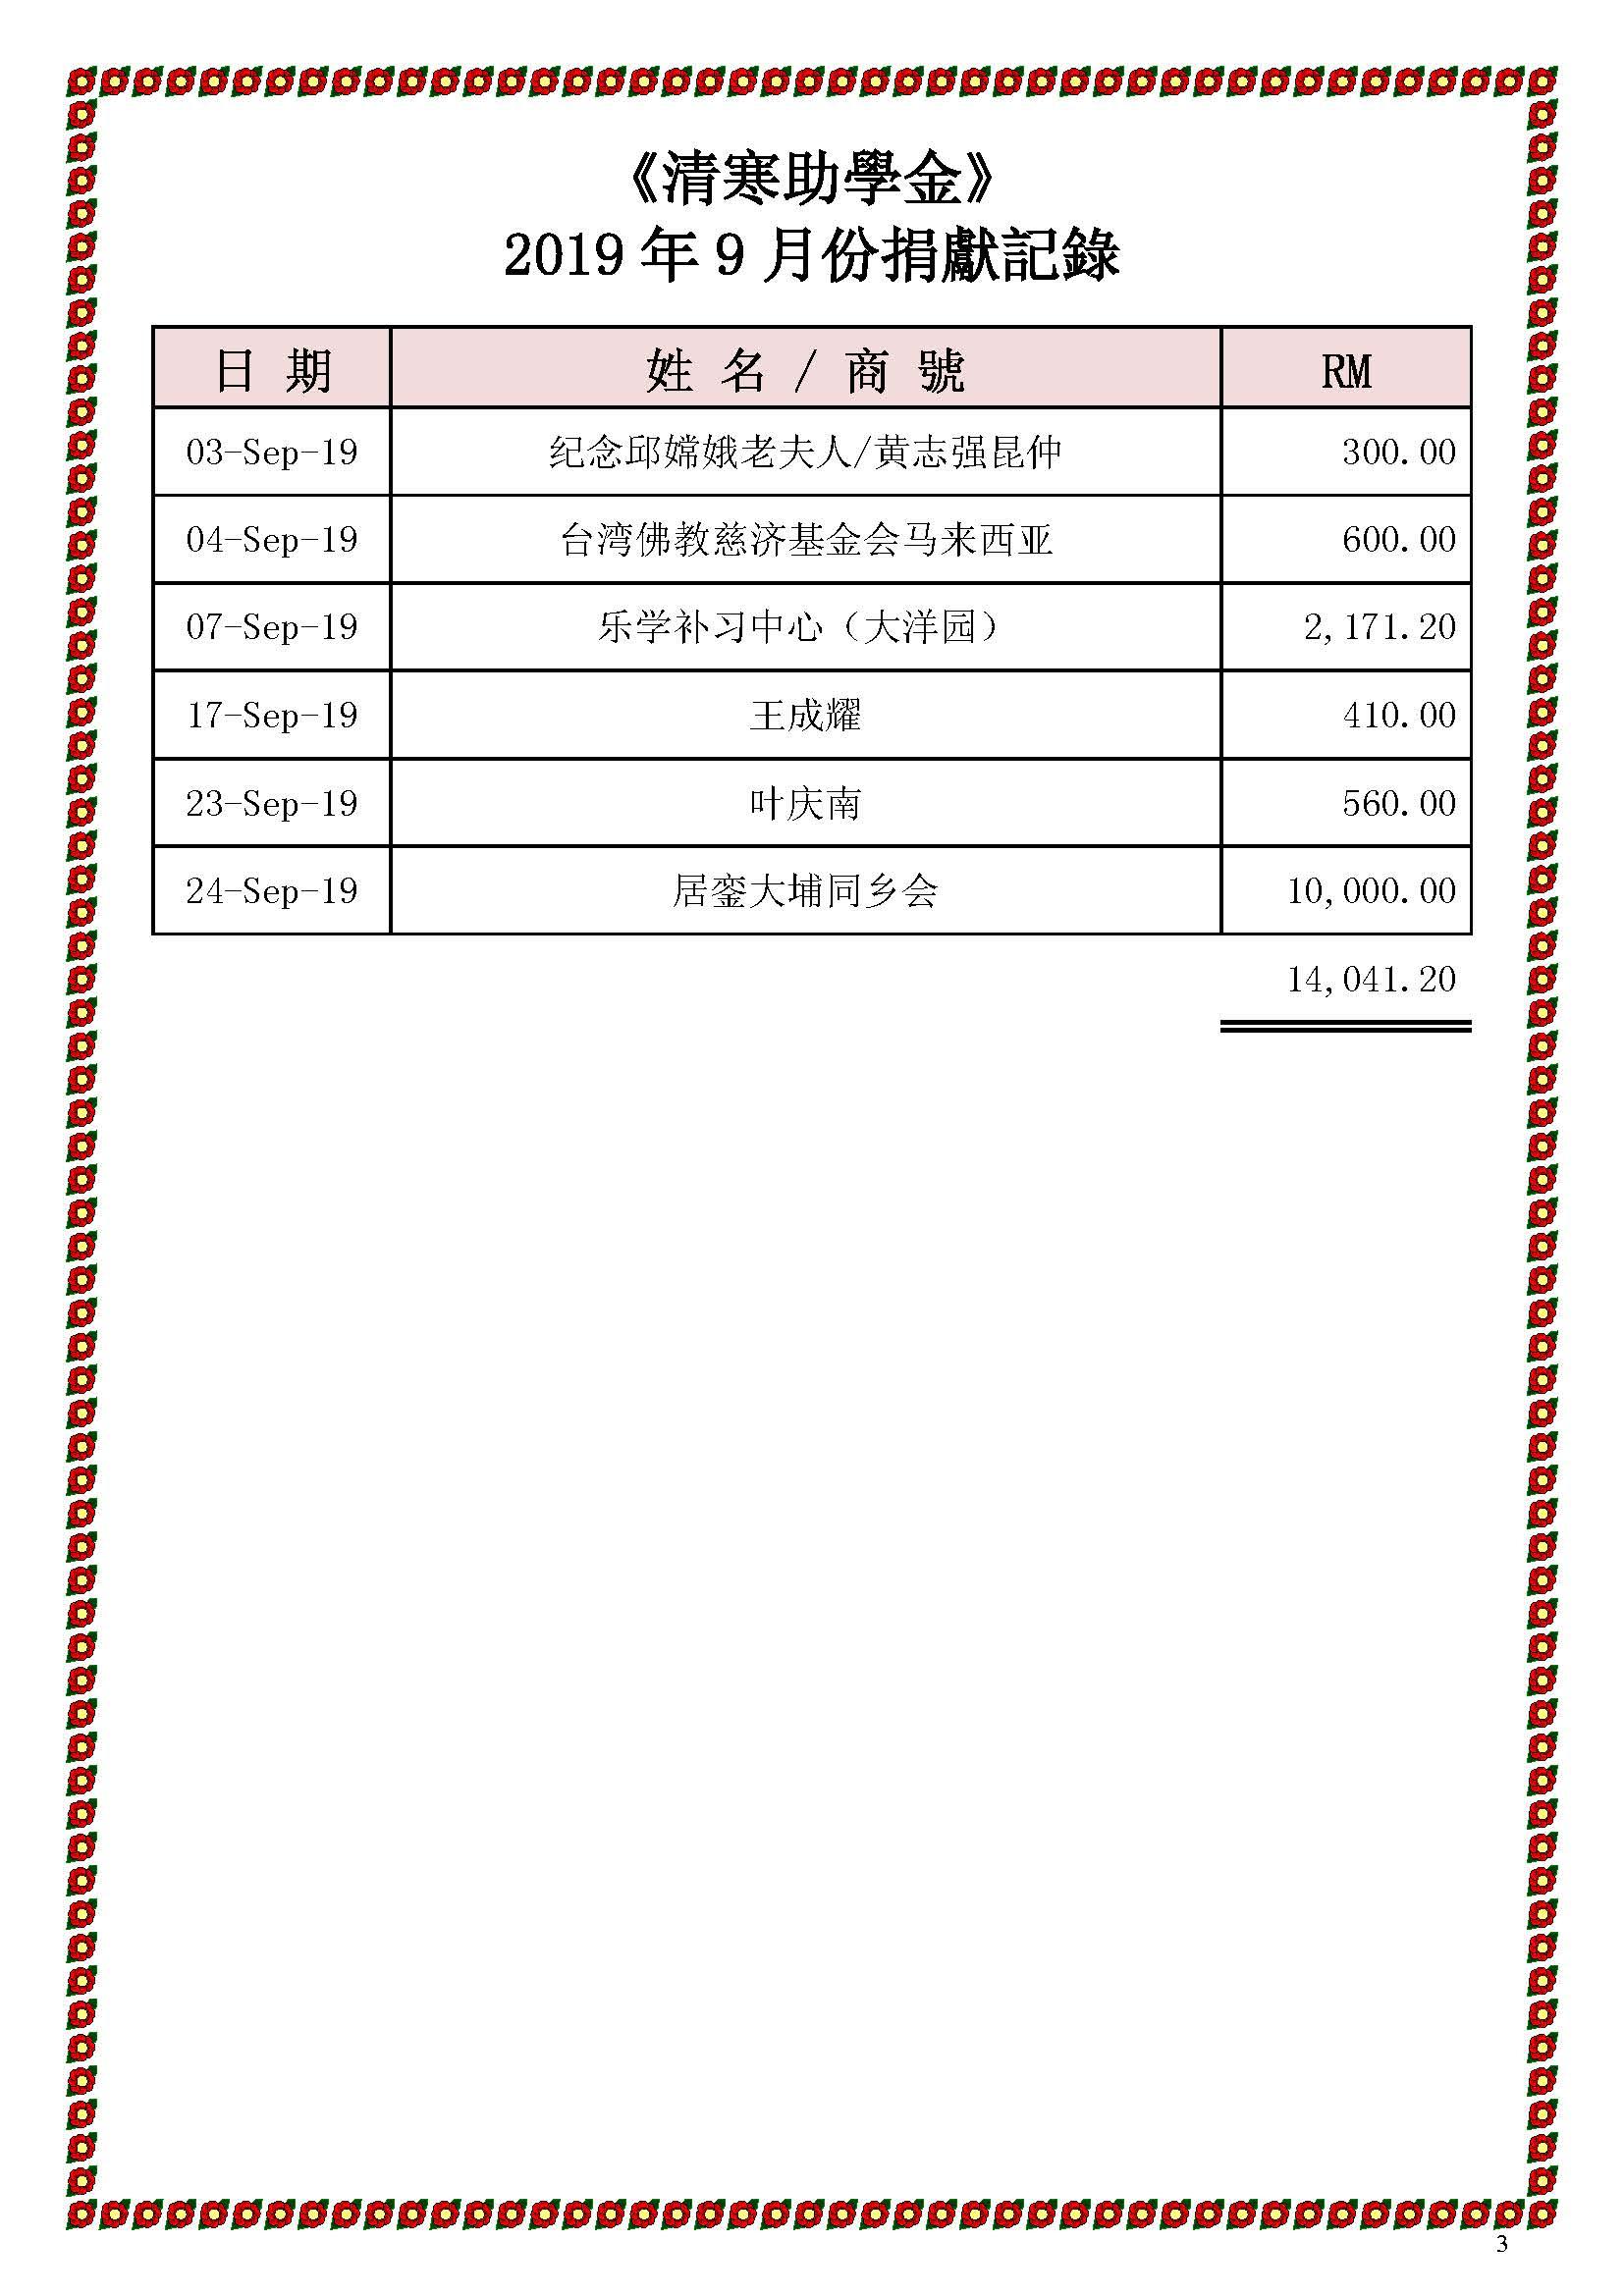 2019年9月份捐獻記錄-修改后_Page_3